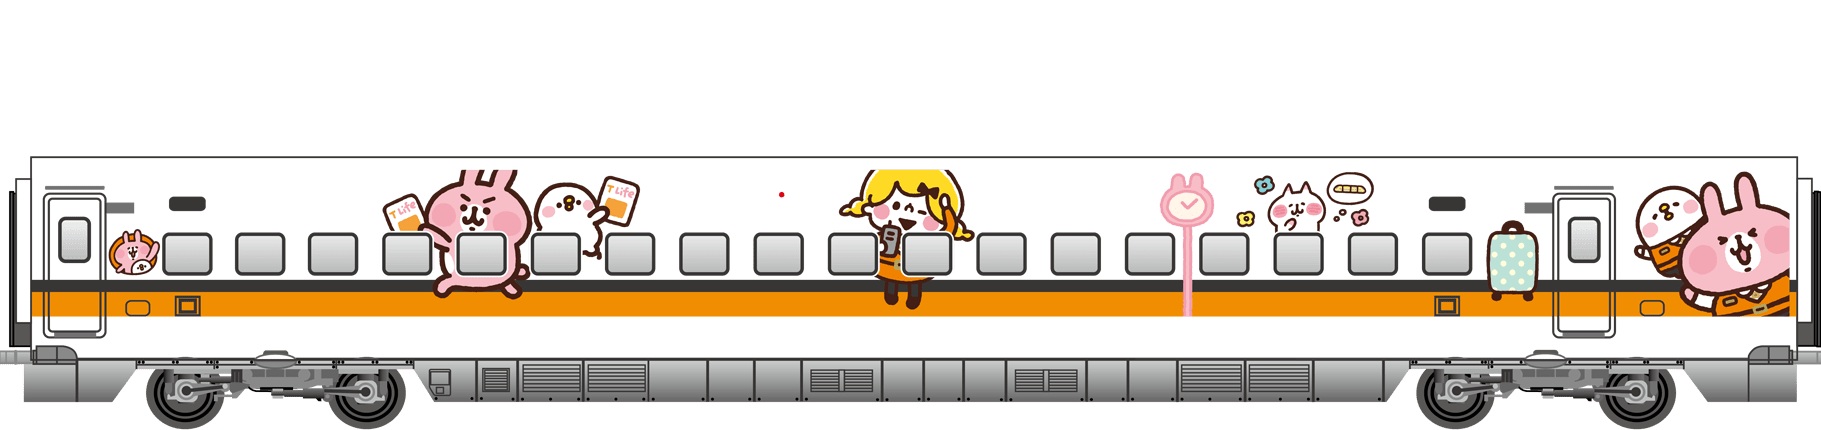 第 11 節車廂